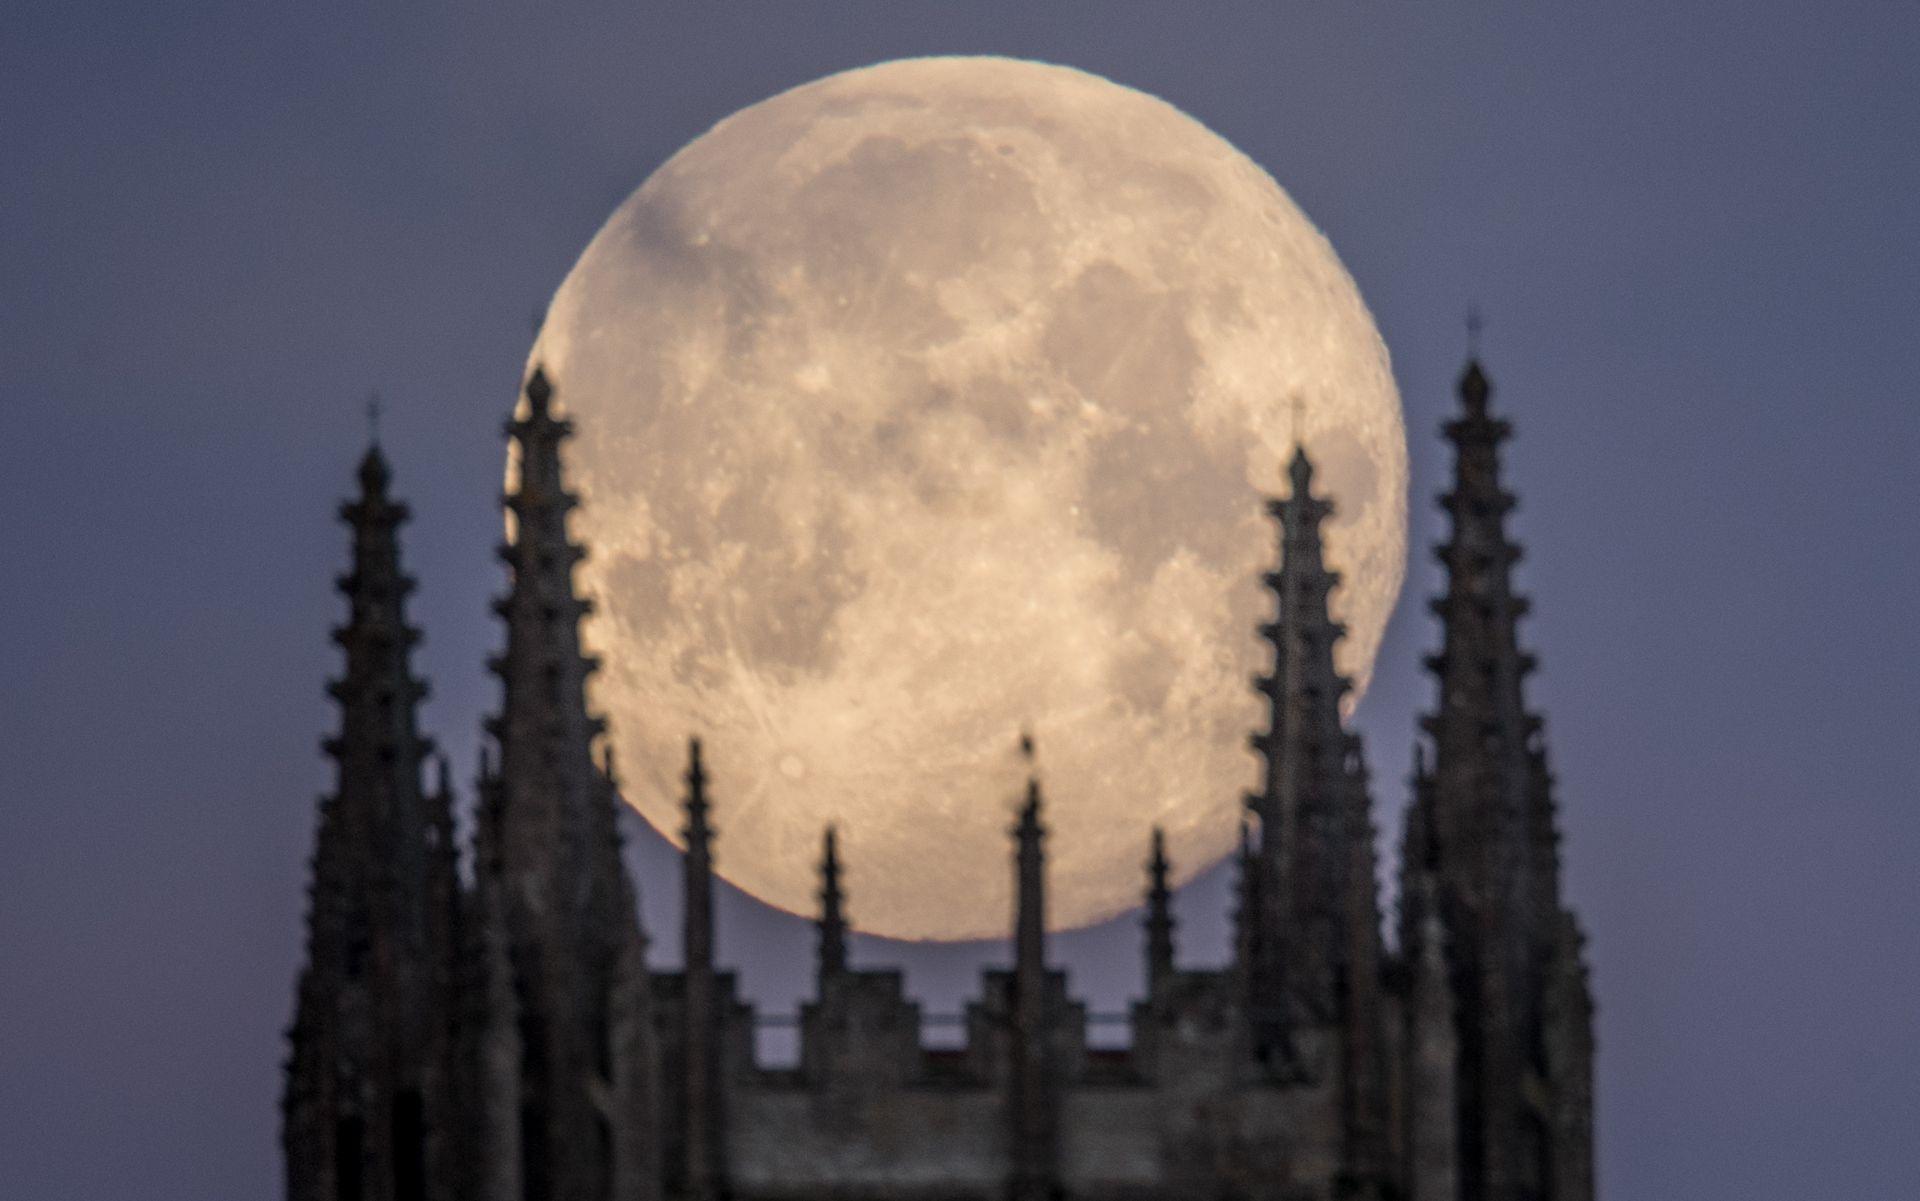 В последния ден на януари наблюдавахме Супер синя кървава луна